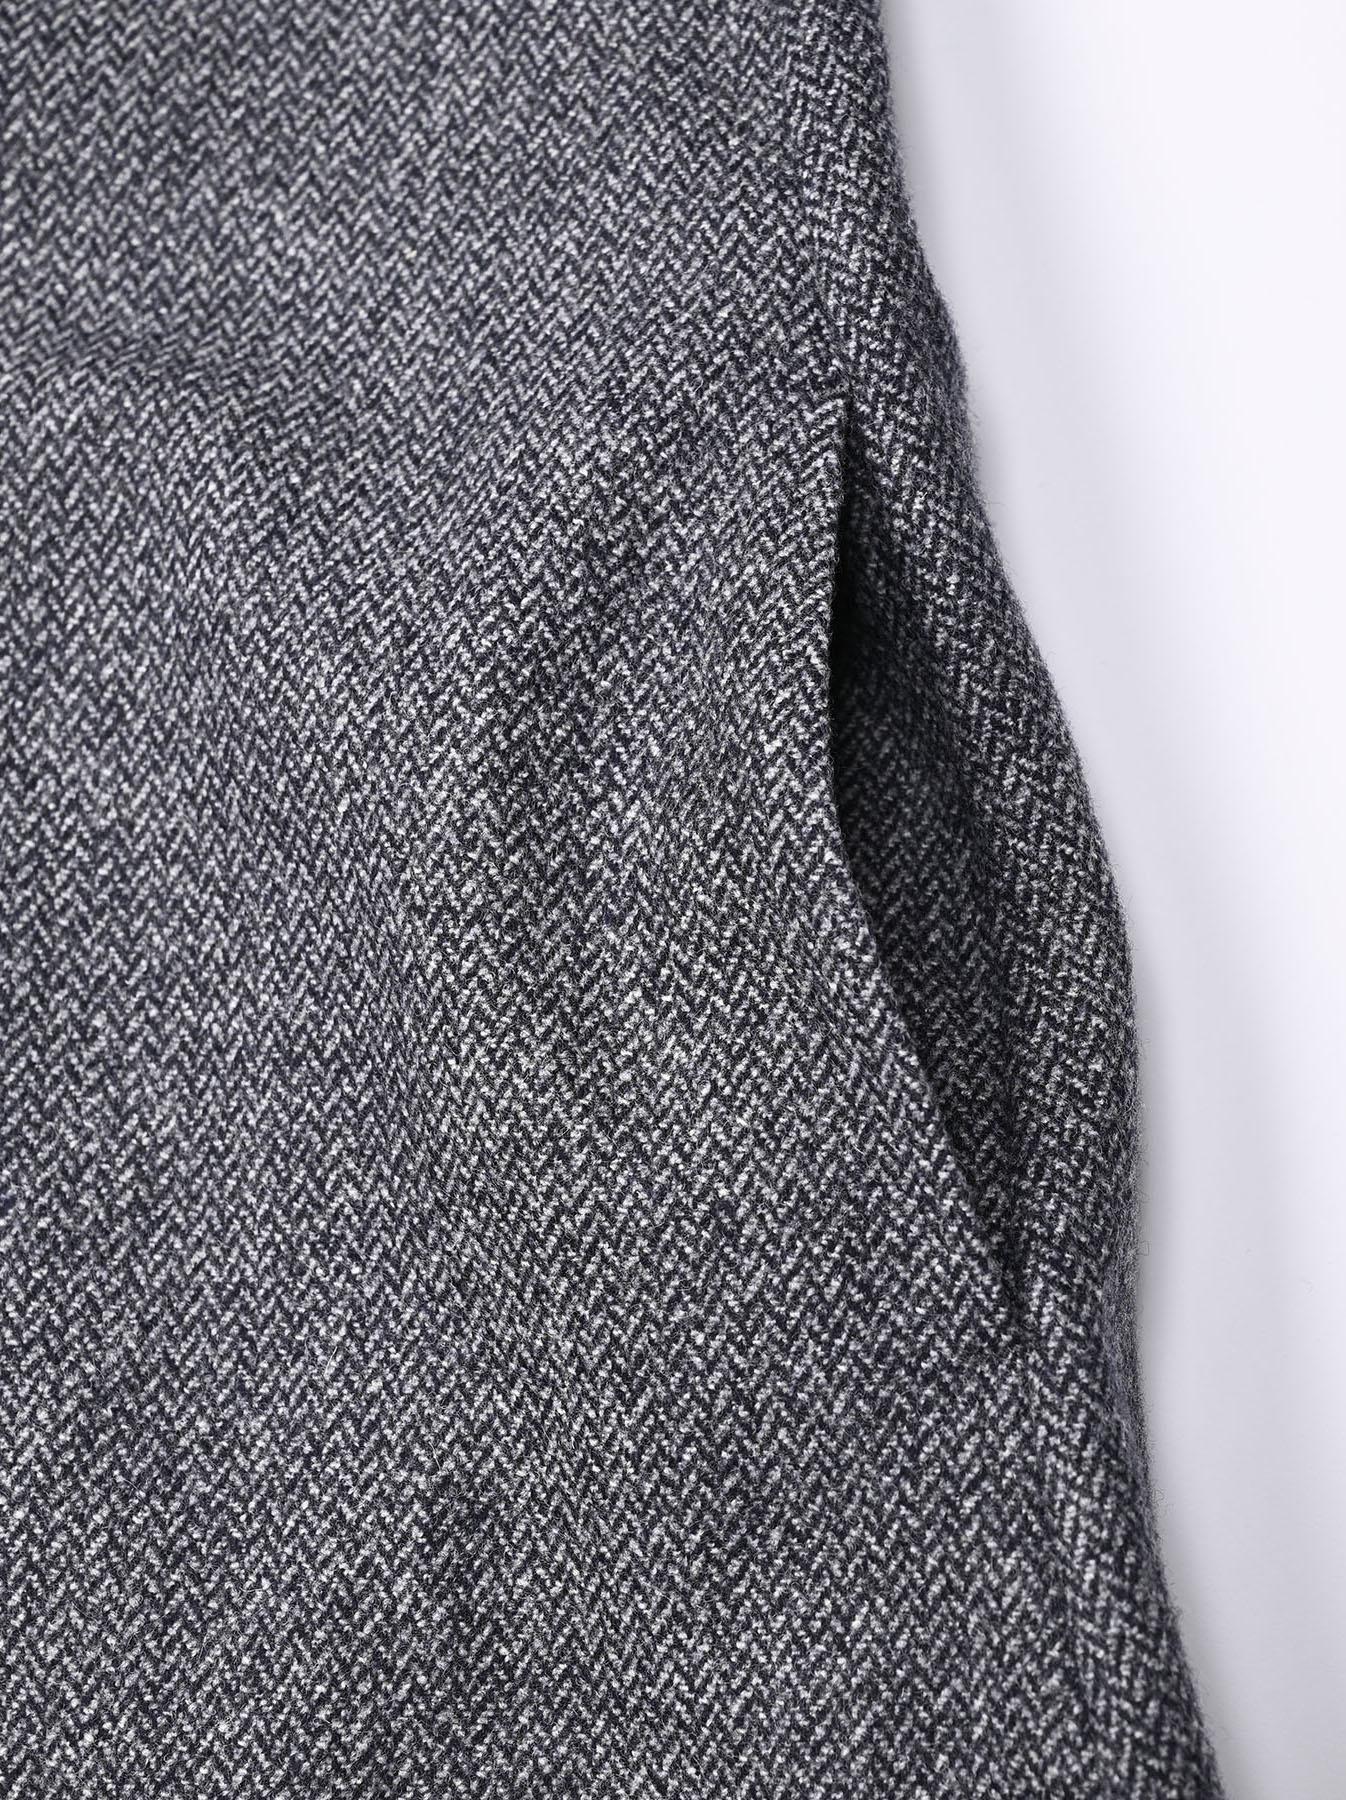 Wool Tweed Stretch Dress-9